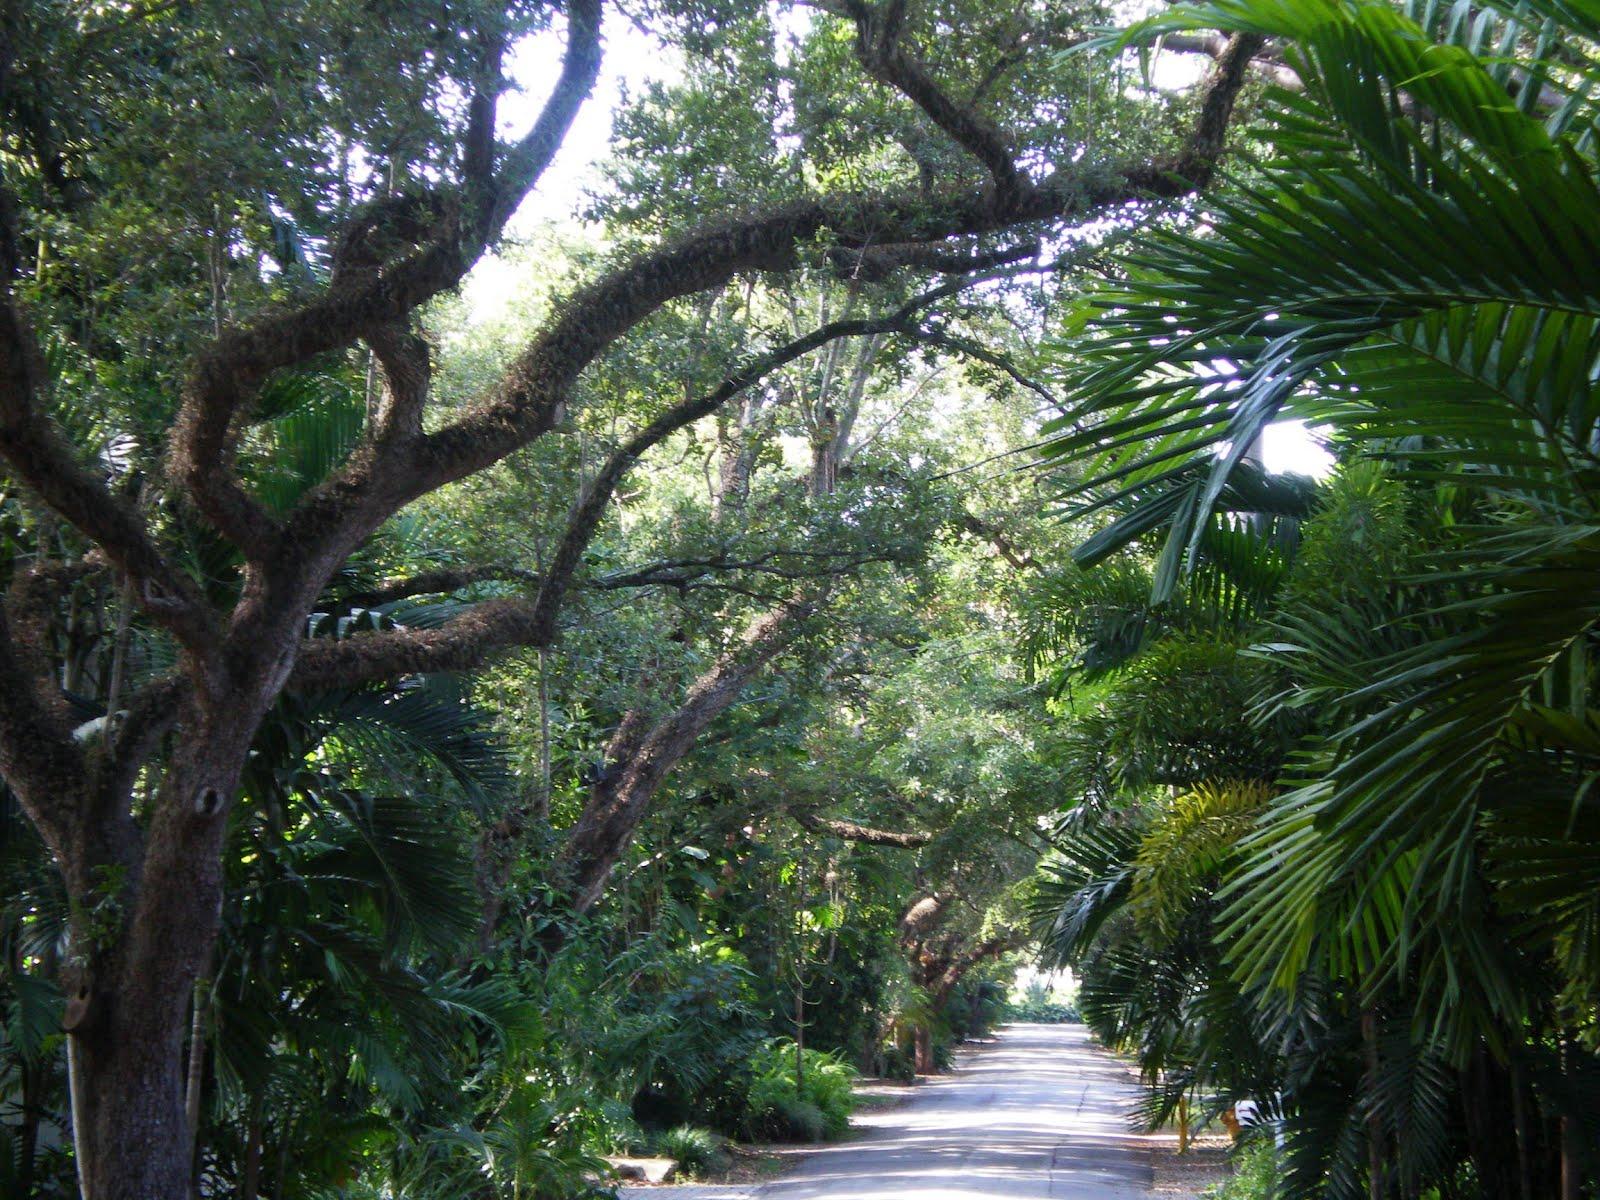 Los Viajes De Montenegro Coconut Grove En Florida